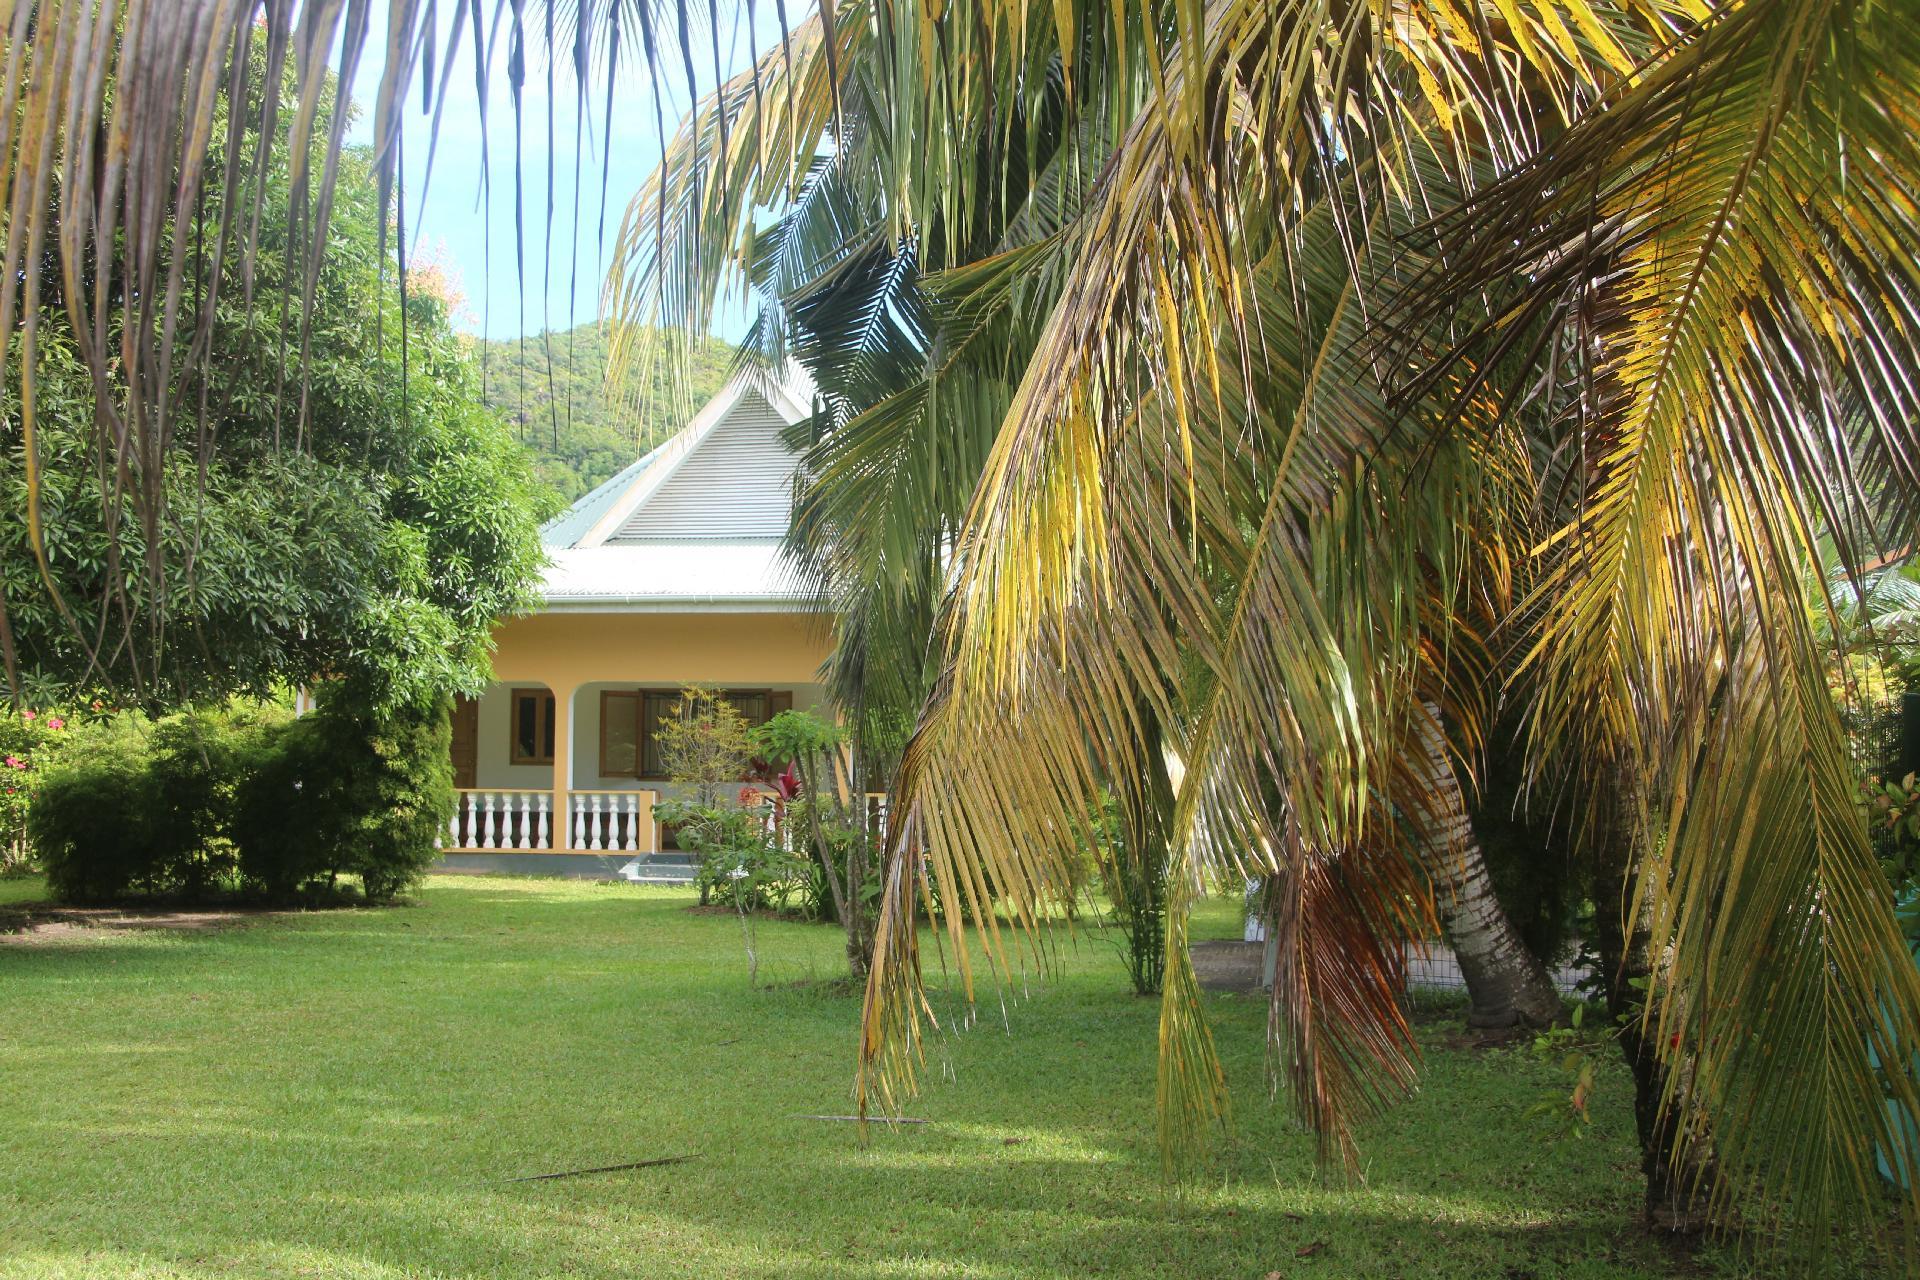 Ferienhaus für 4 Personen ca. 100 m² in   in Afrika